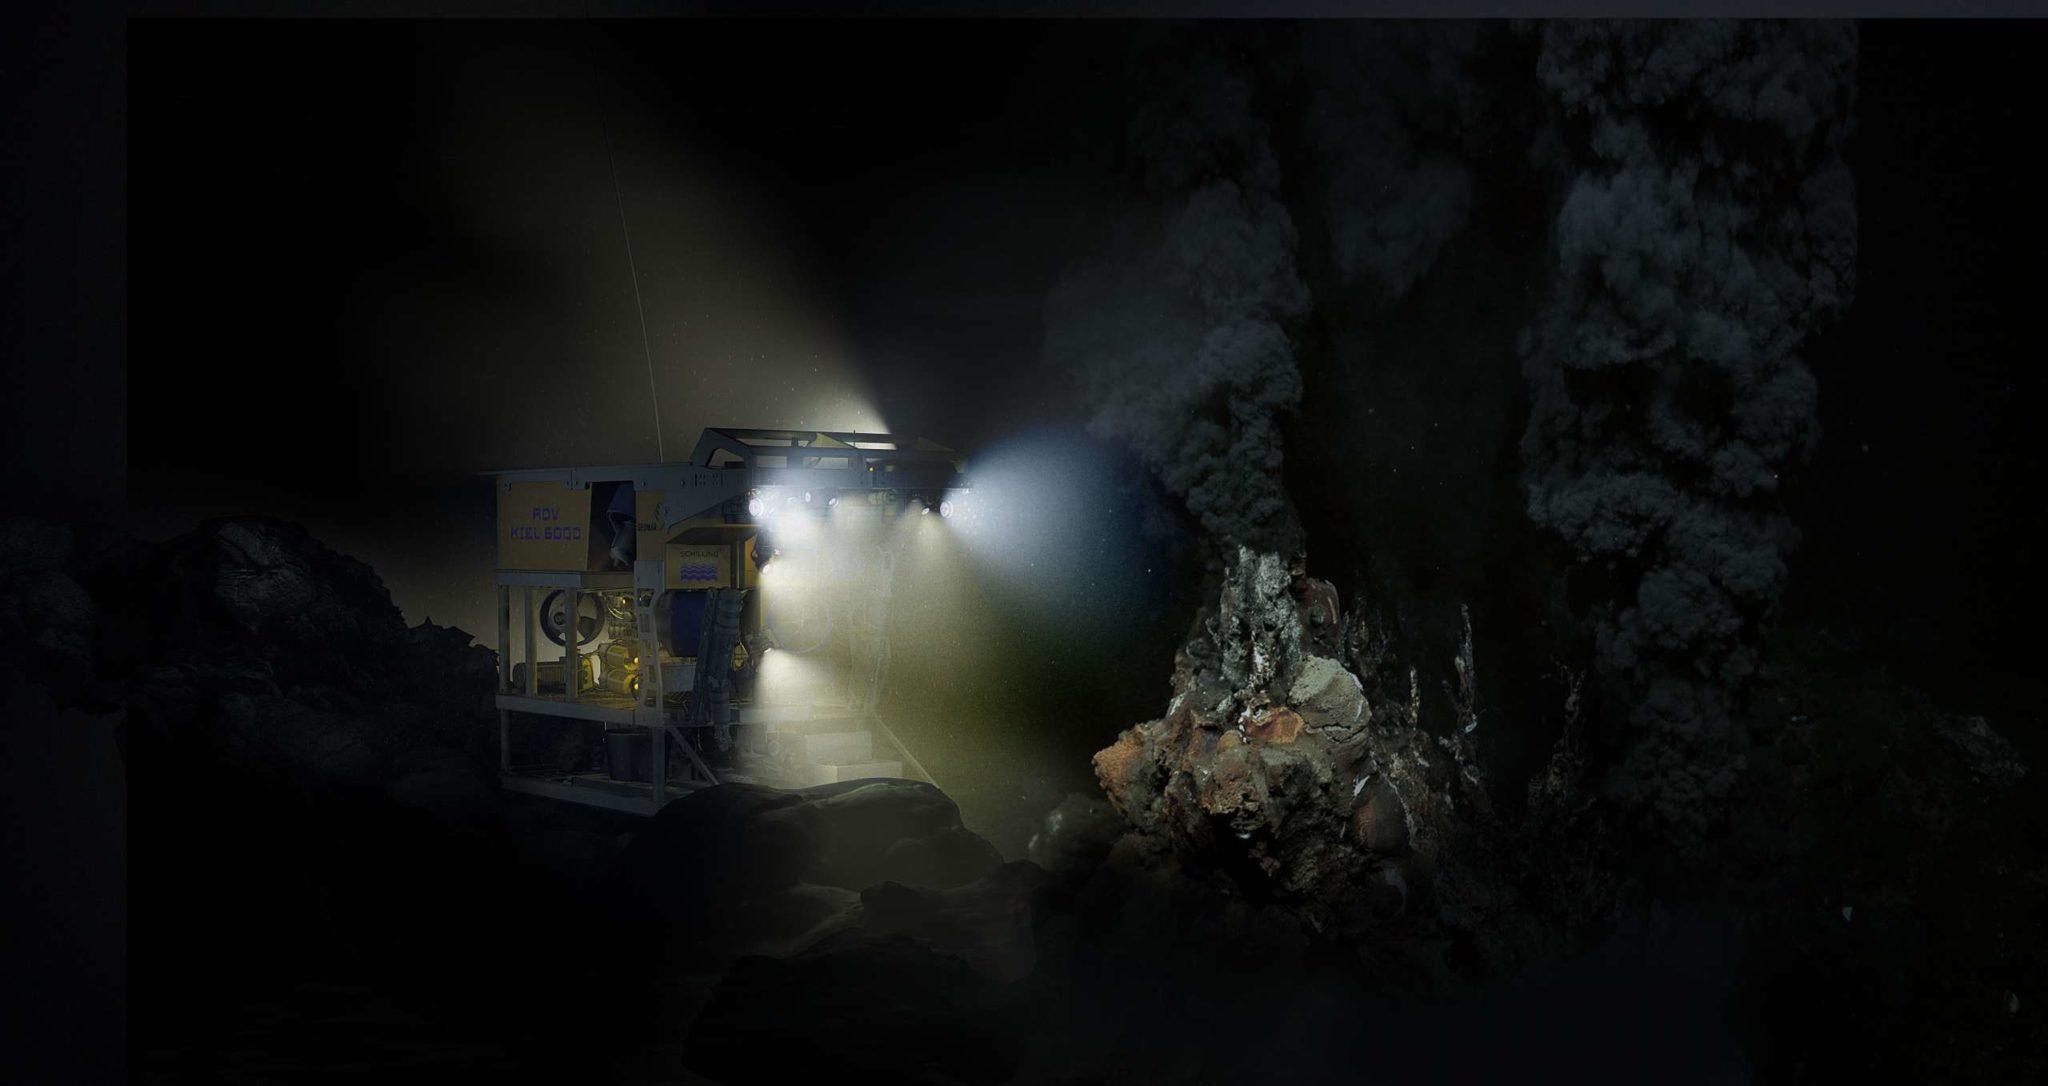 """Tauchroboter wie das ROV KIEL 6000 des GEOMAR können gefahrlos in die lebensfeindliche Umwelt der Tiefsee abtauchen. Mittels Beleuchtung und hochauflösender Bild- und Videokameras bringen sie spektakuläre Bilder und Filme aus der Tiefsee in Echtzeit an Bord. Hier beleuchtet der Roboter die für heiße Quellen typischen Schlote der """"Schwarzen Raucher""""."""